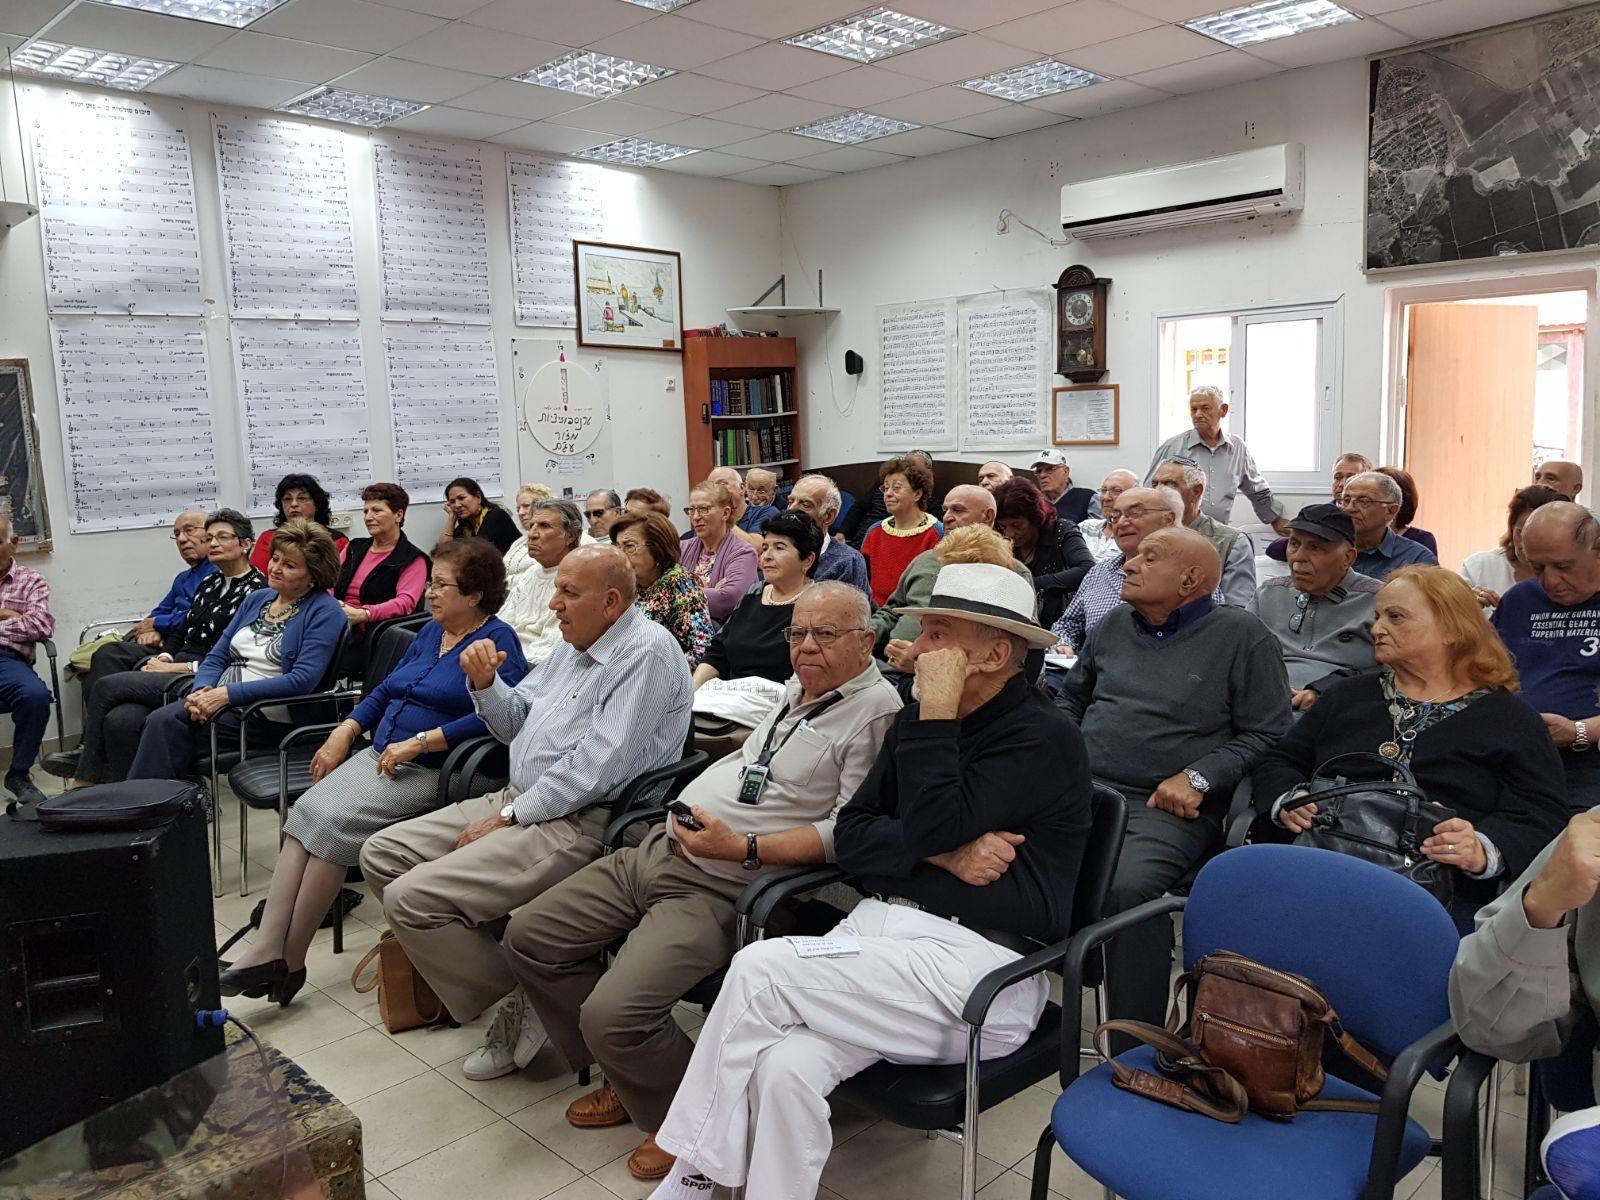 יושב ראש הכנסת לשעבר שלמה הלל הרצה באור יהודה